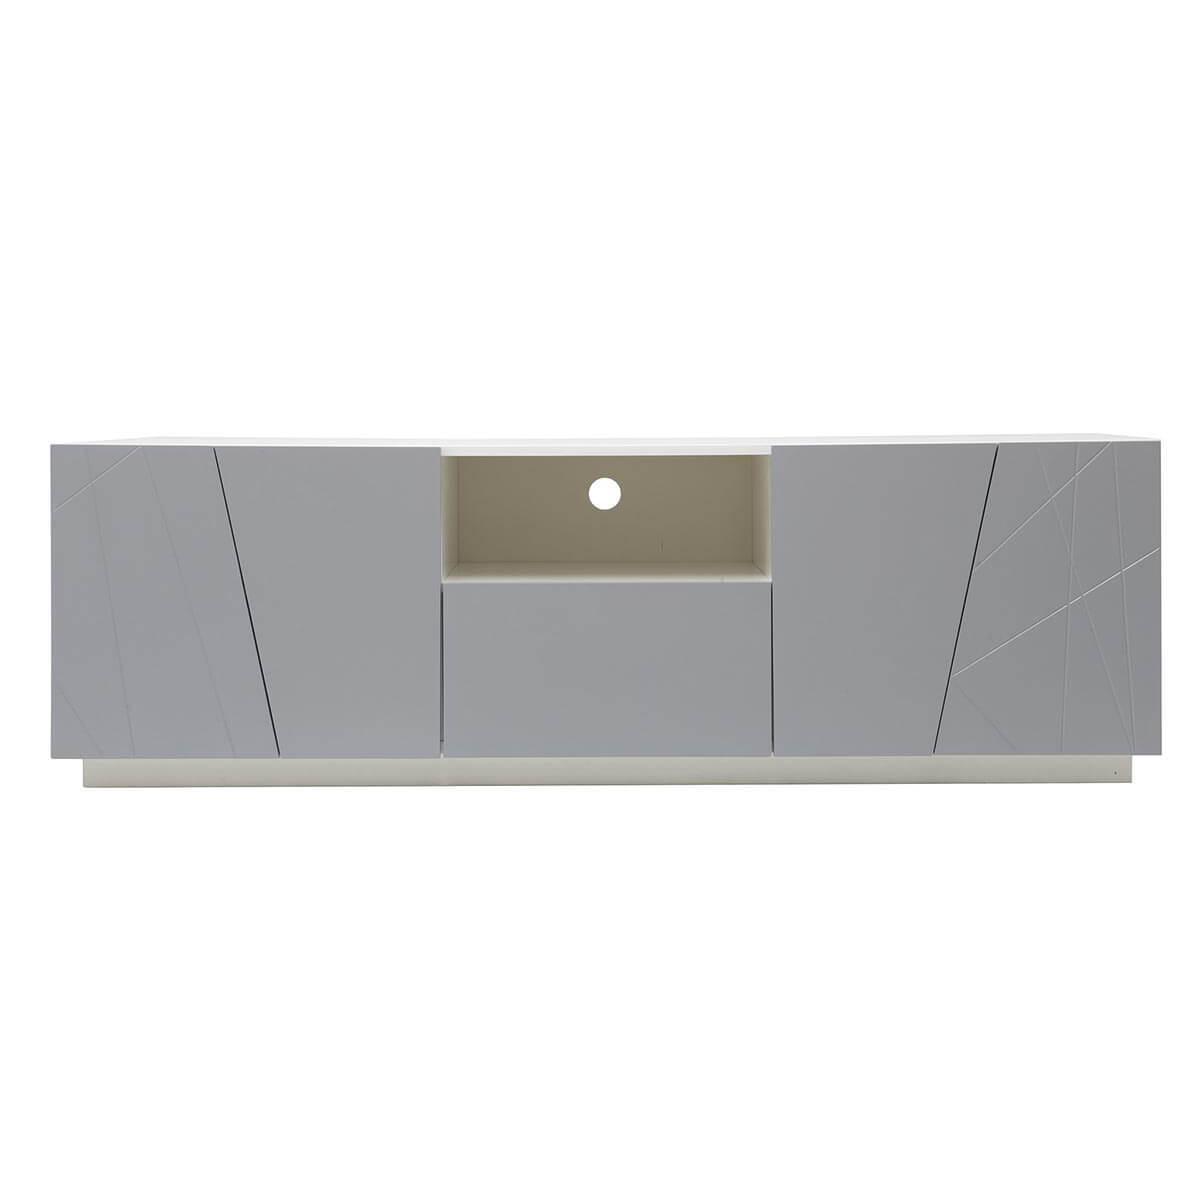 Mobile Porta Tv Girevole Design Miniforms.Mobile Porta Tv Girevole Design Miniforms